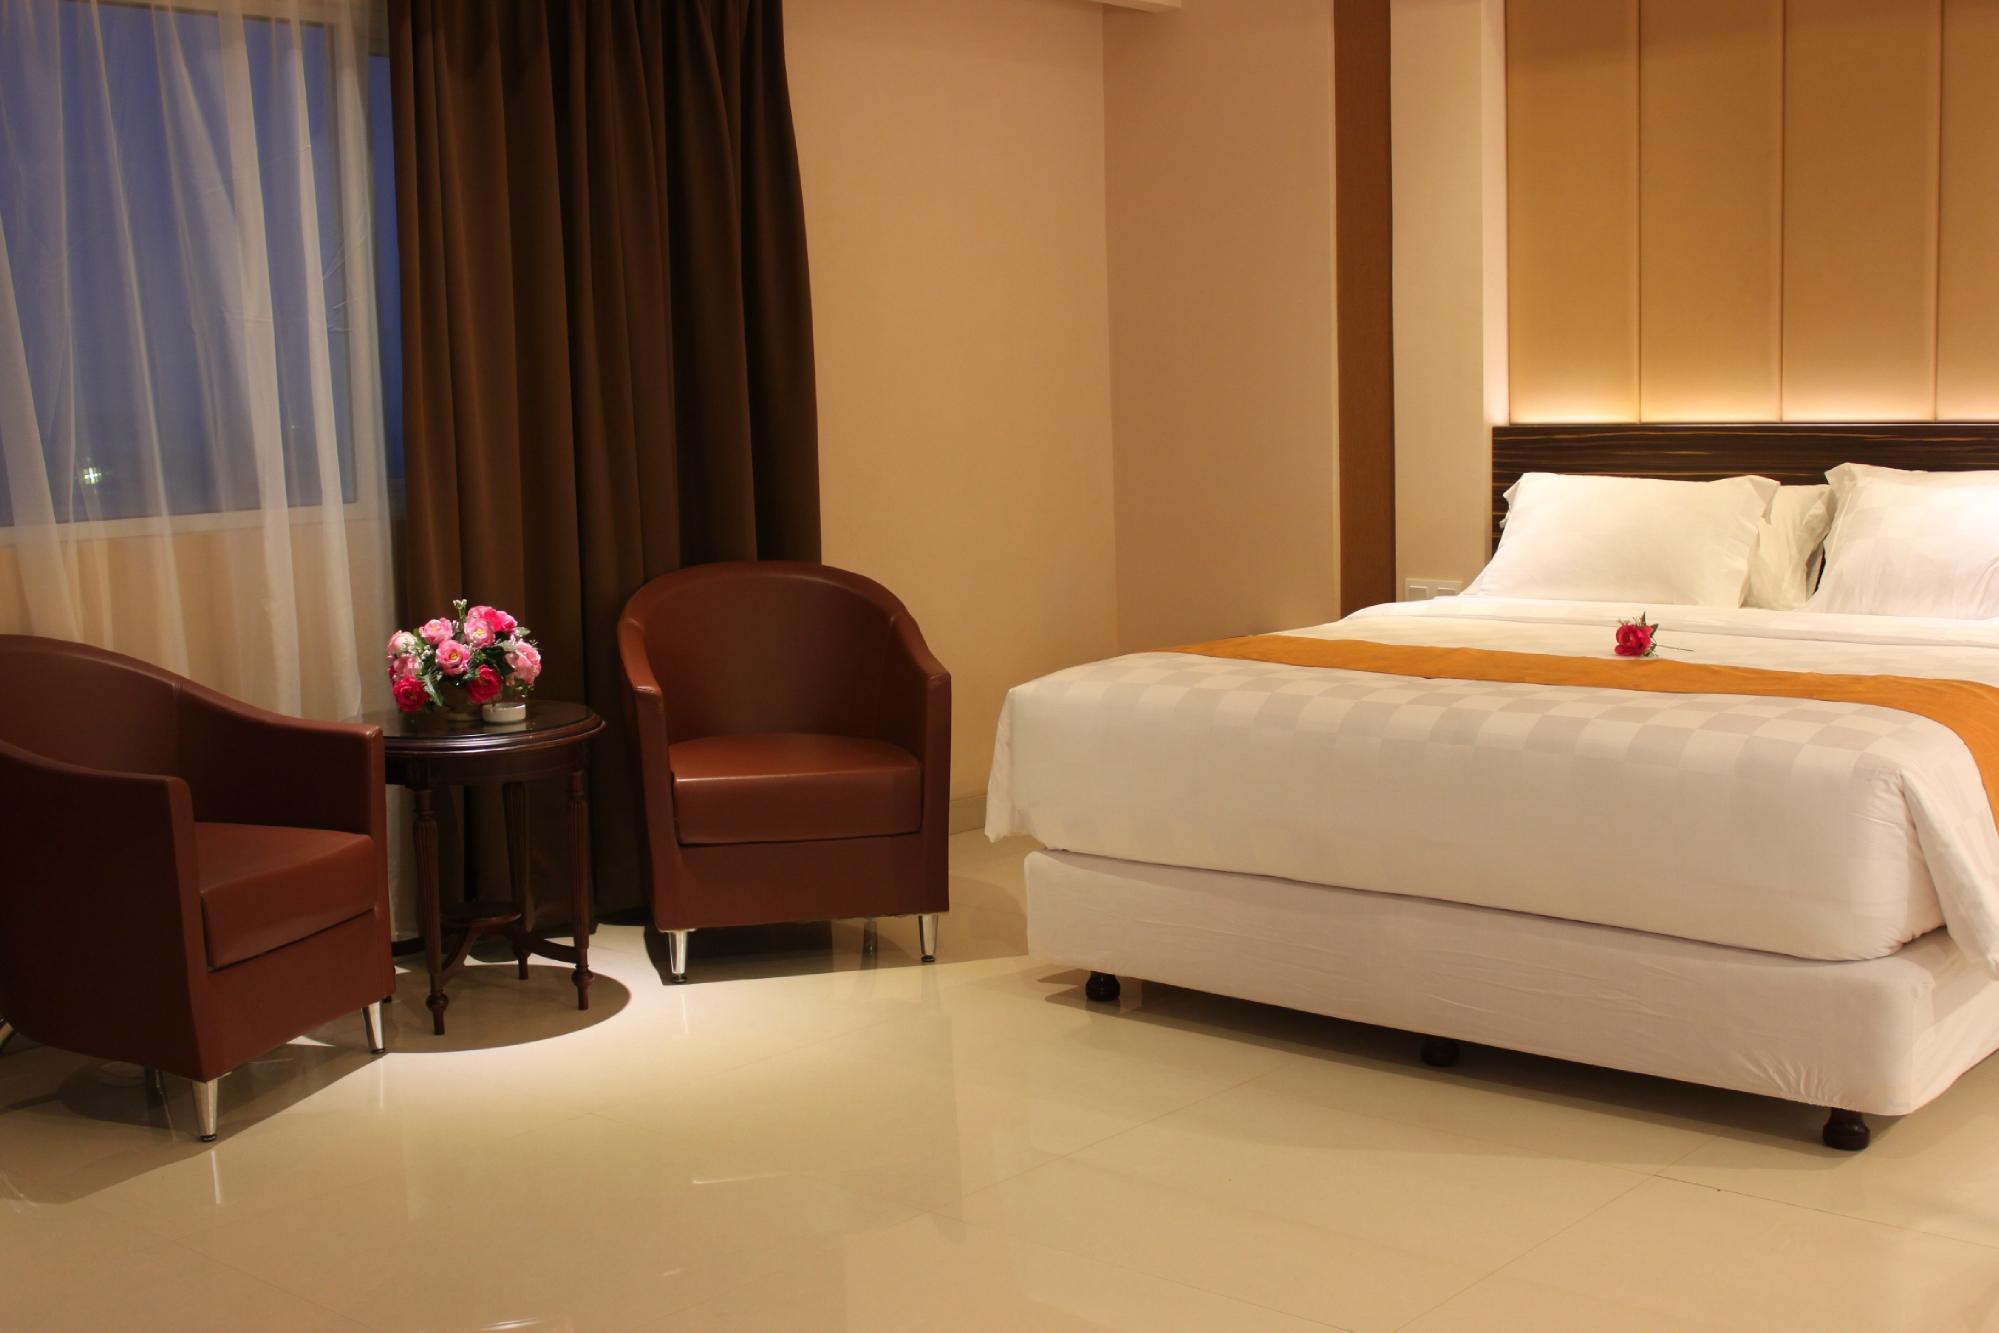 โรงแรมอิสตนาเนลายัน